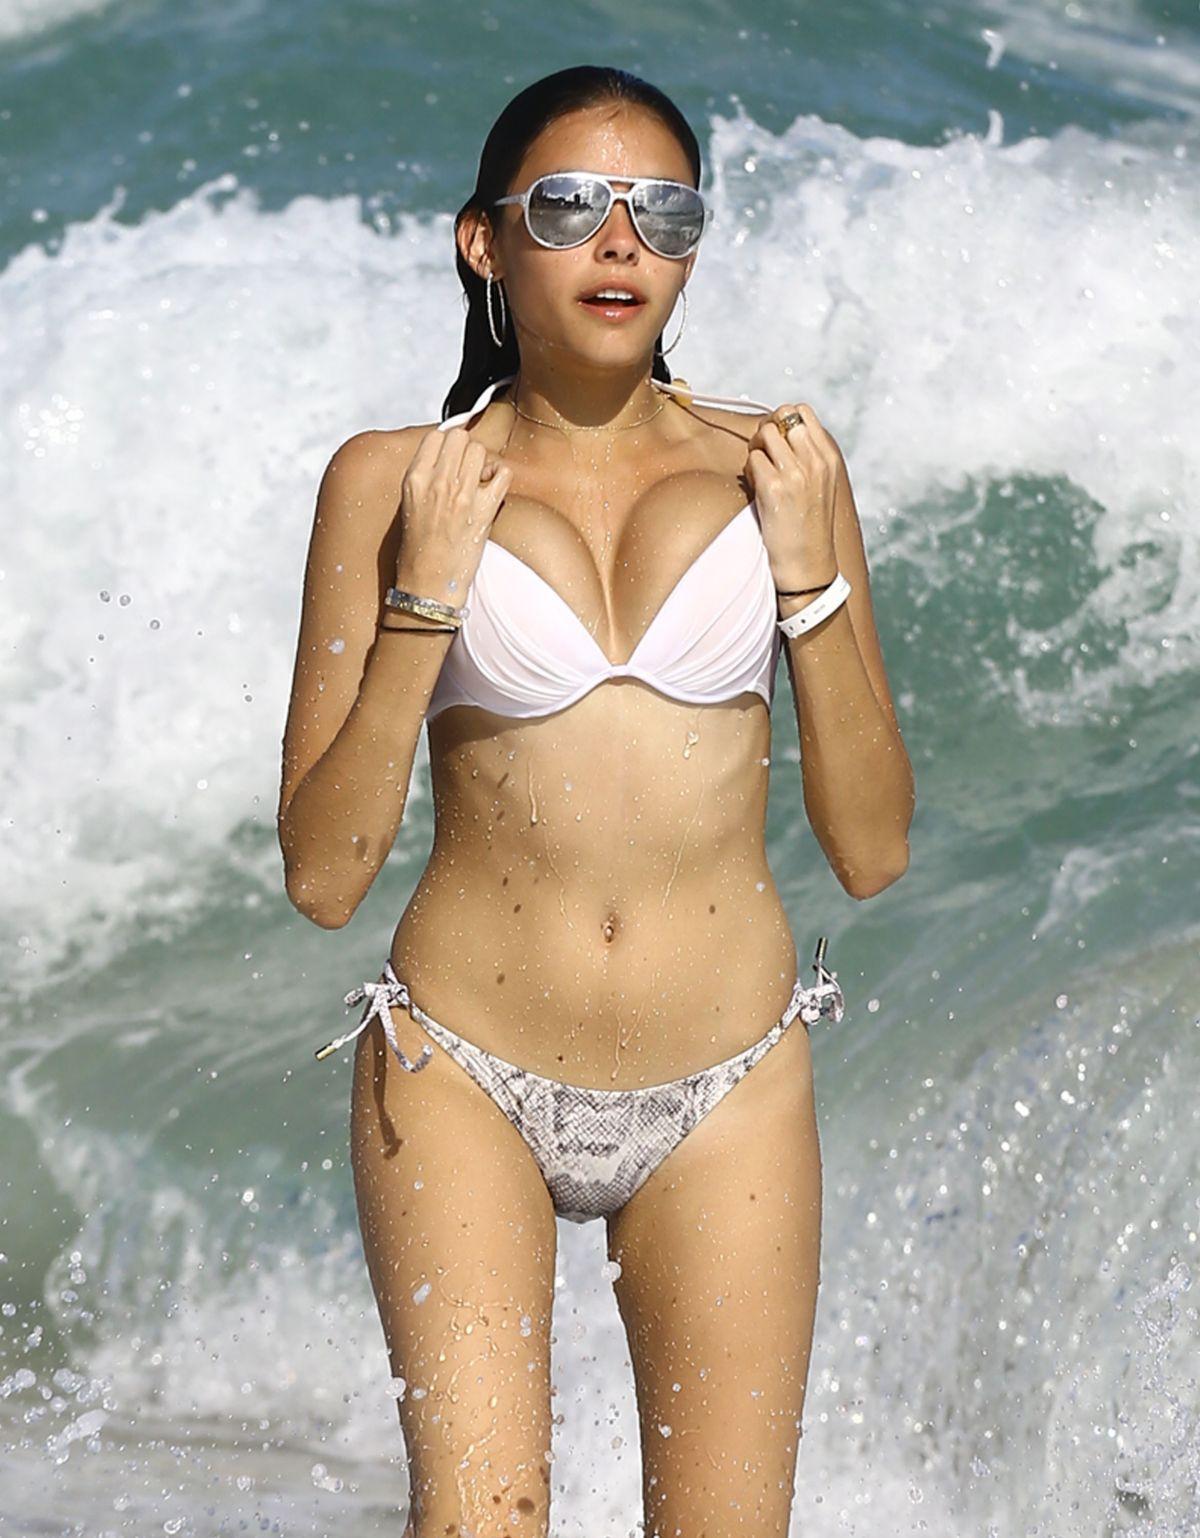 Stuff In Bikini Teen 33